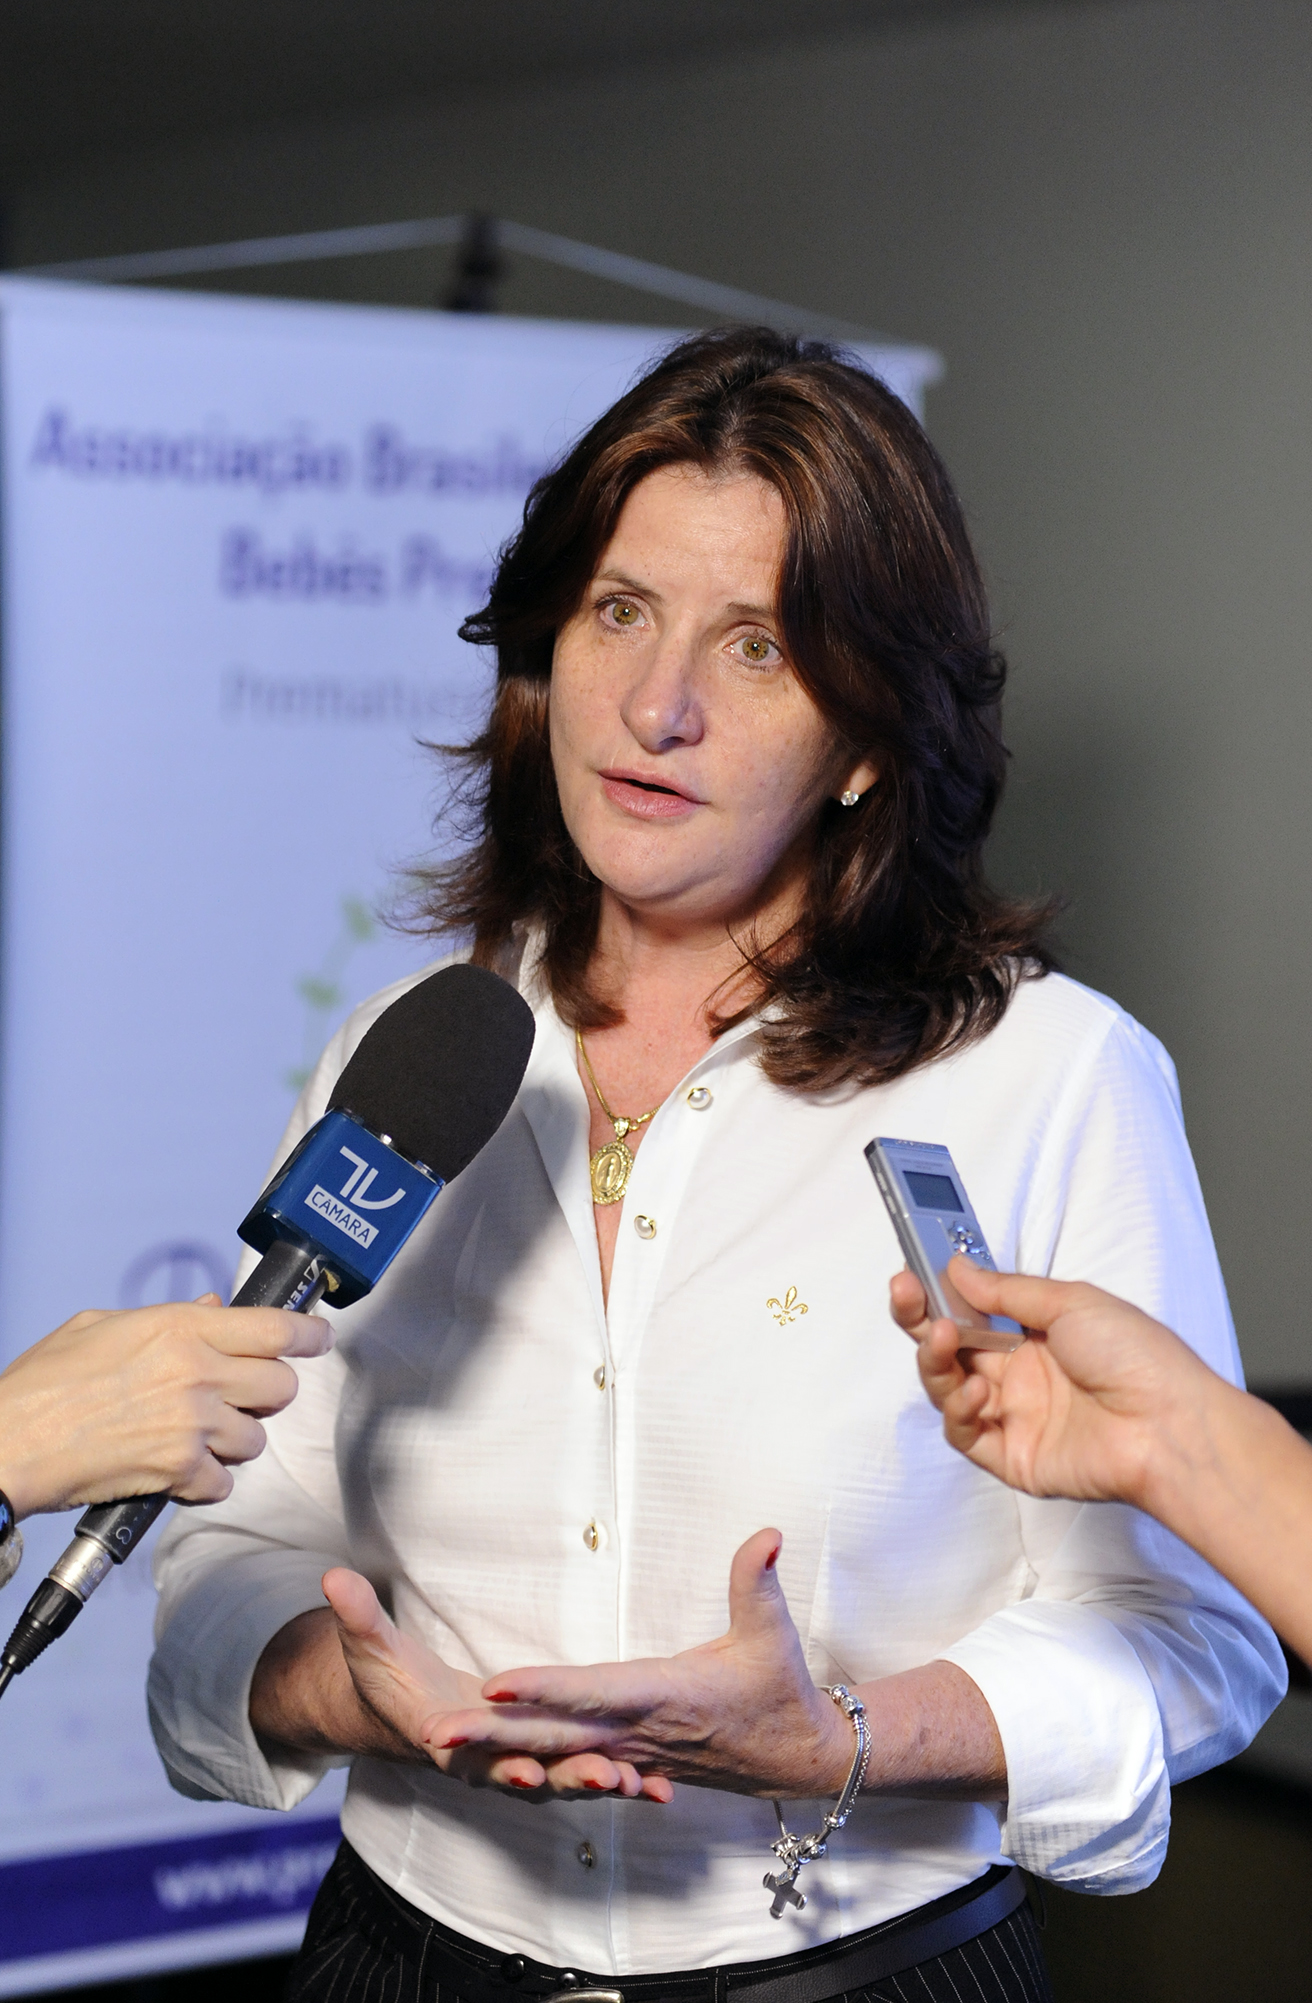 Lançamento da Campanha Dia Mundial da Prematuridade. Dep. Carmen Zanotto (PPS/SC)